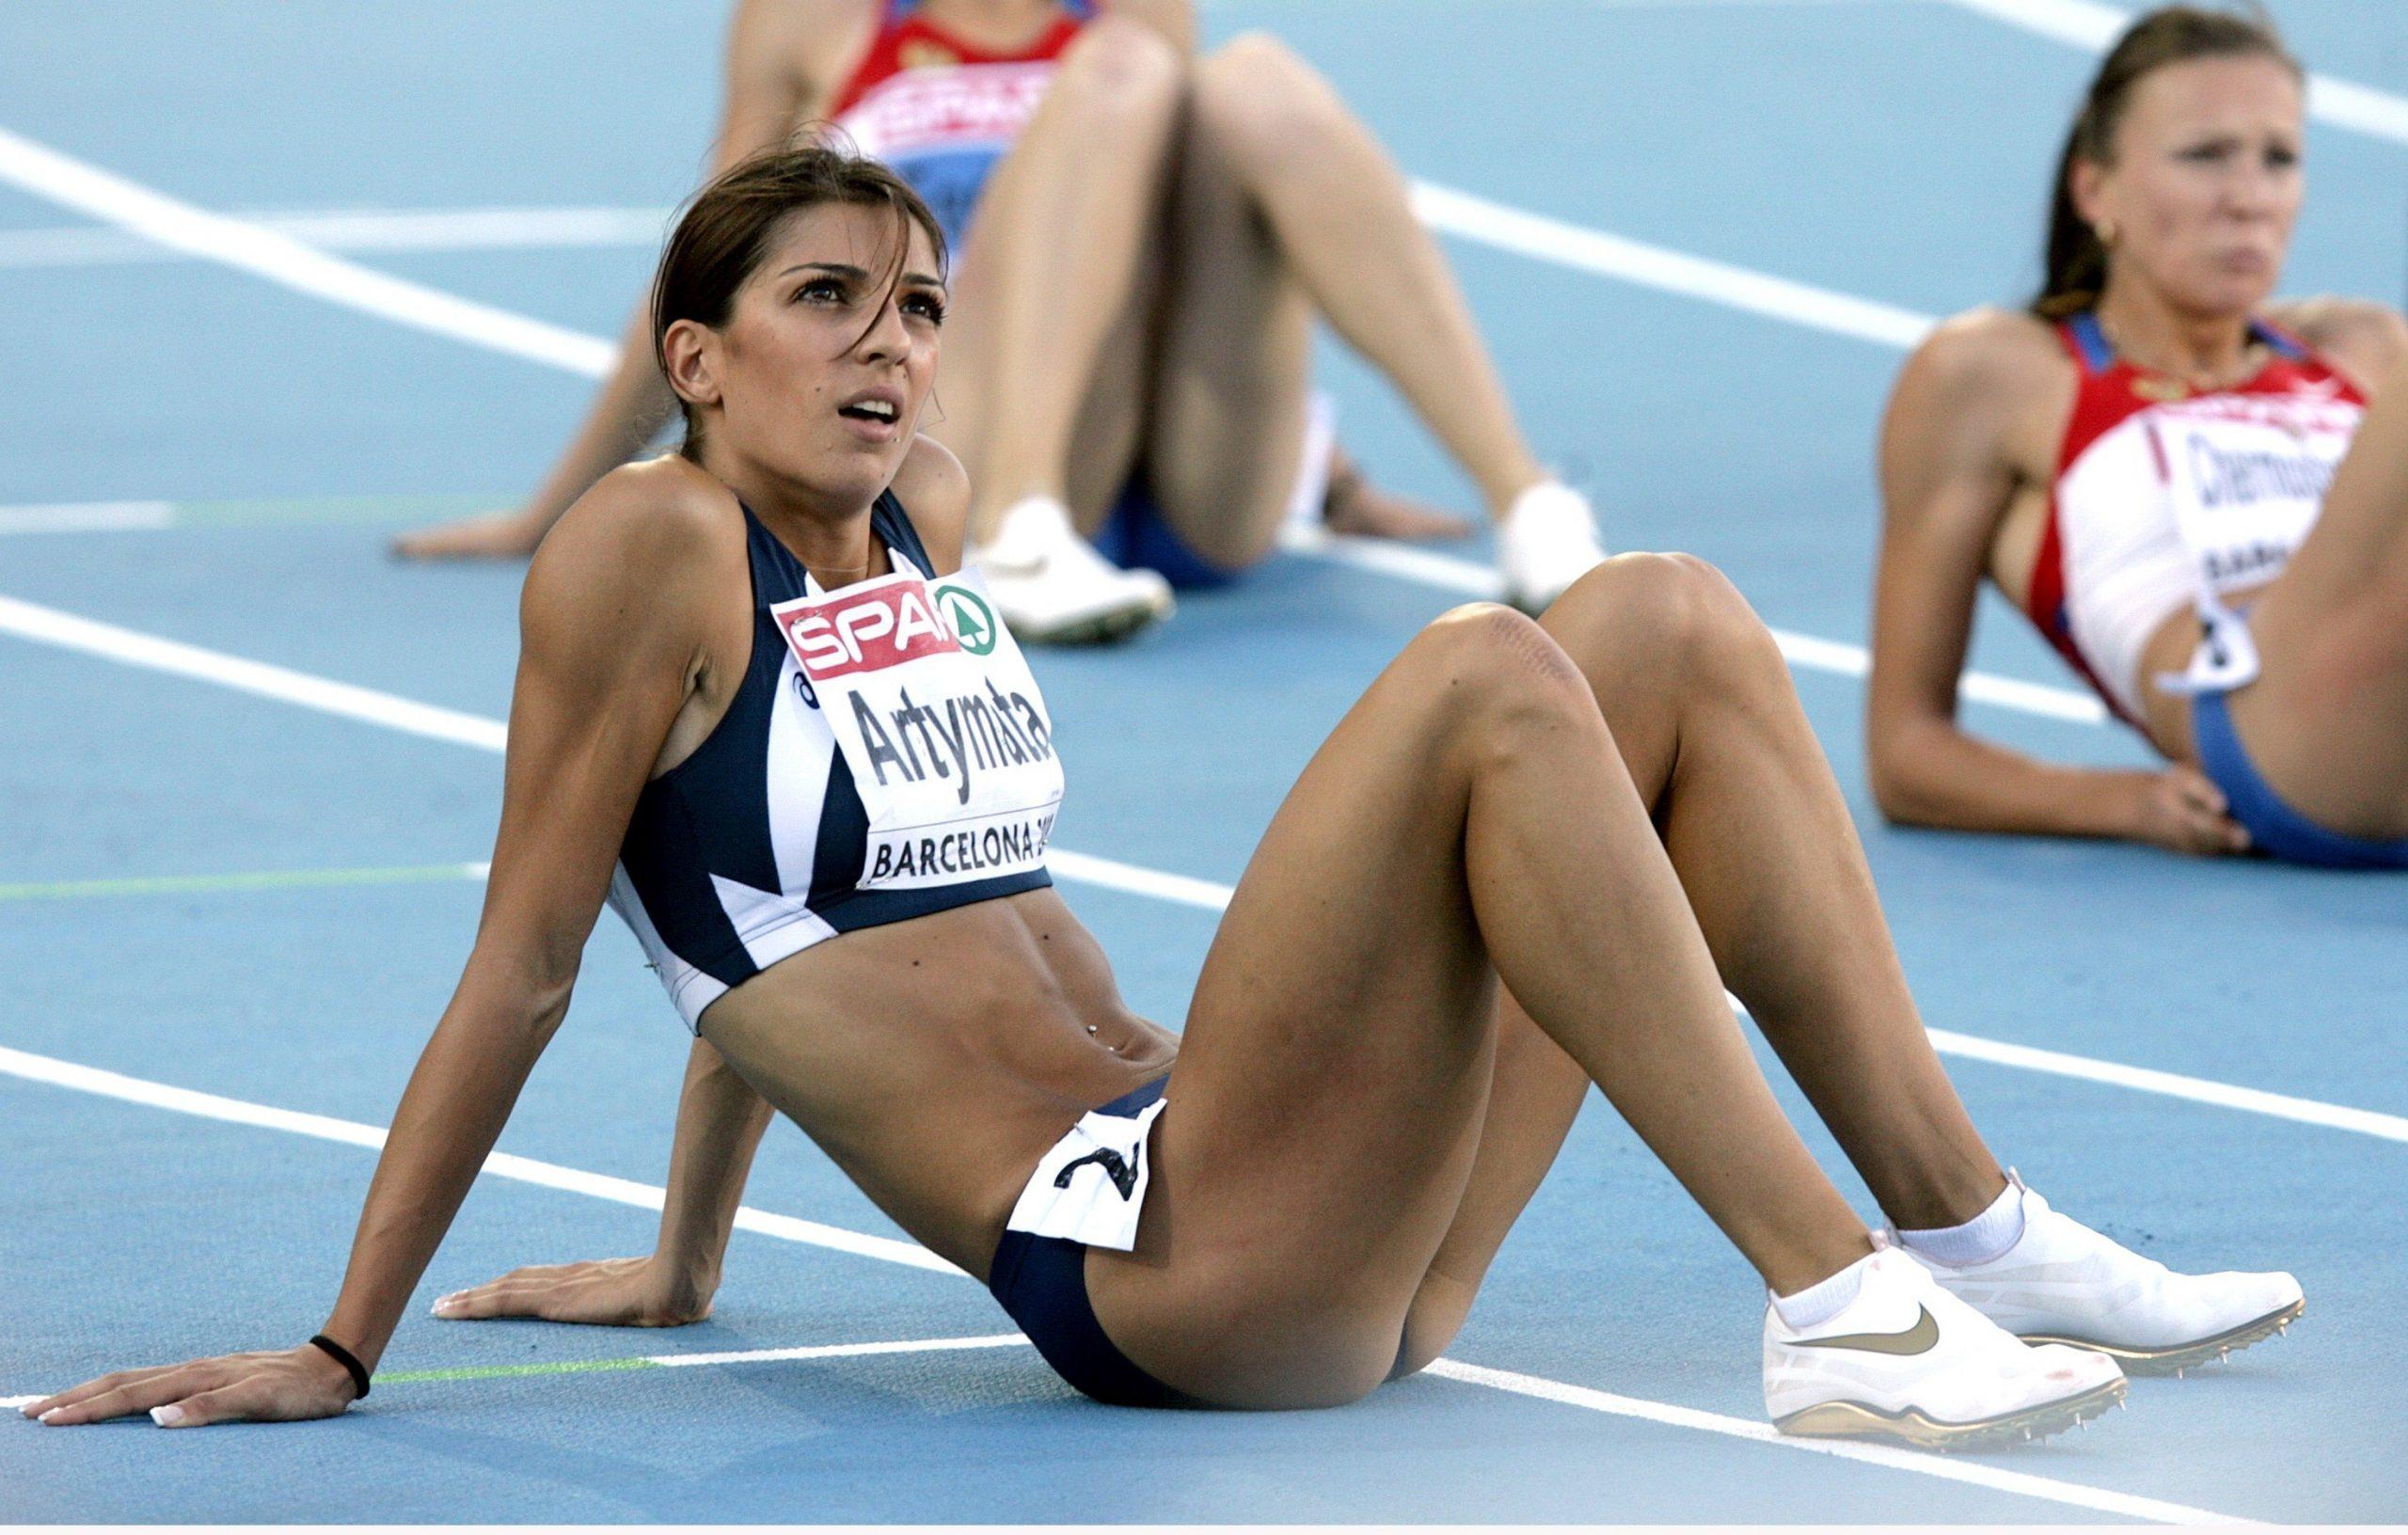 Τόκιο: Στα ημιτελικά των 400μ. η Ελένη Αρτυματά